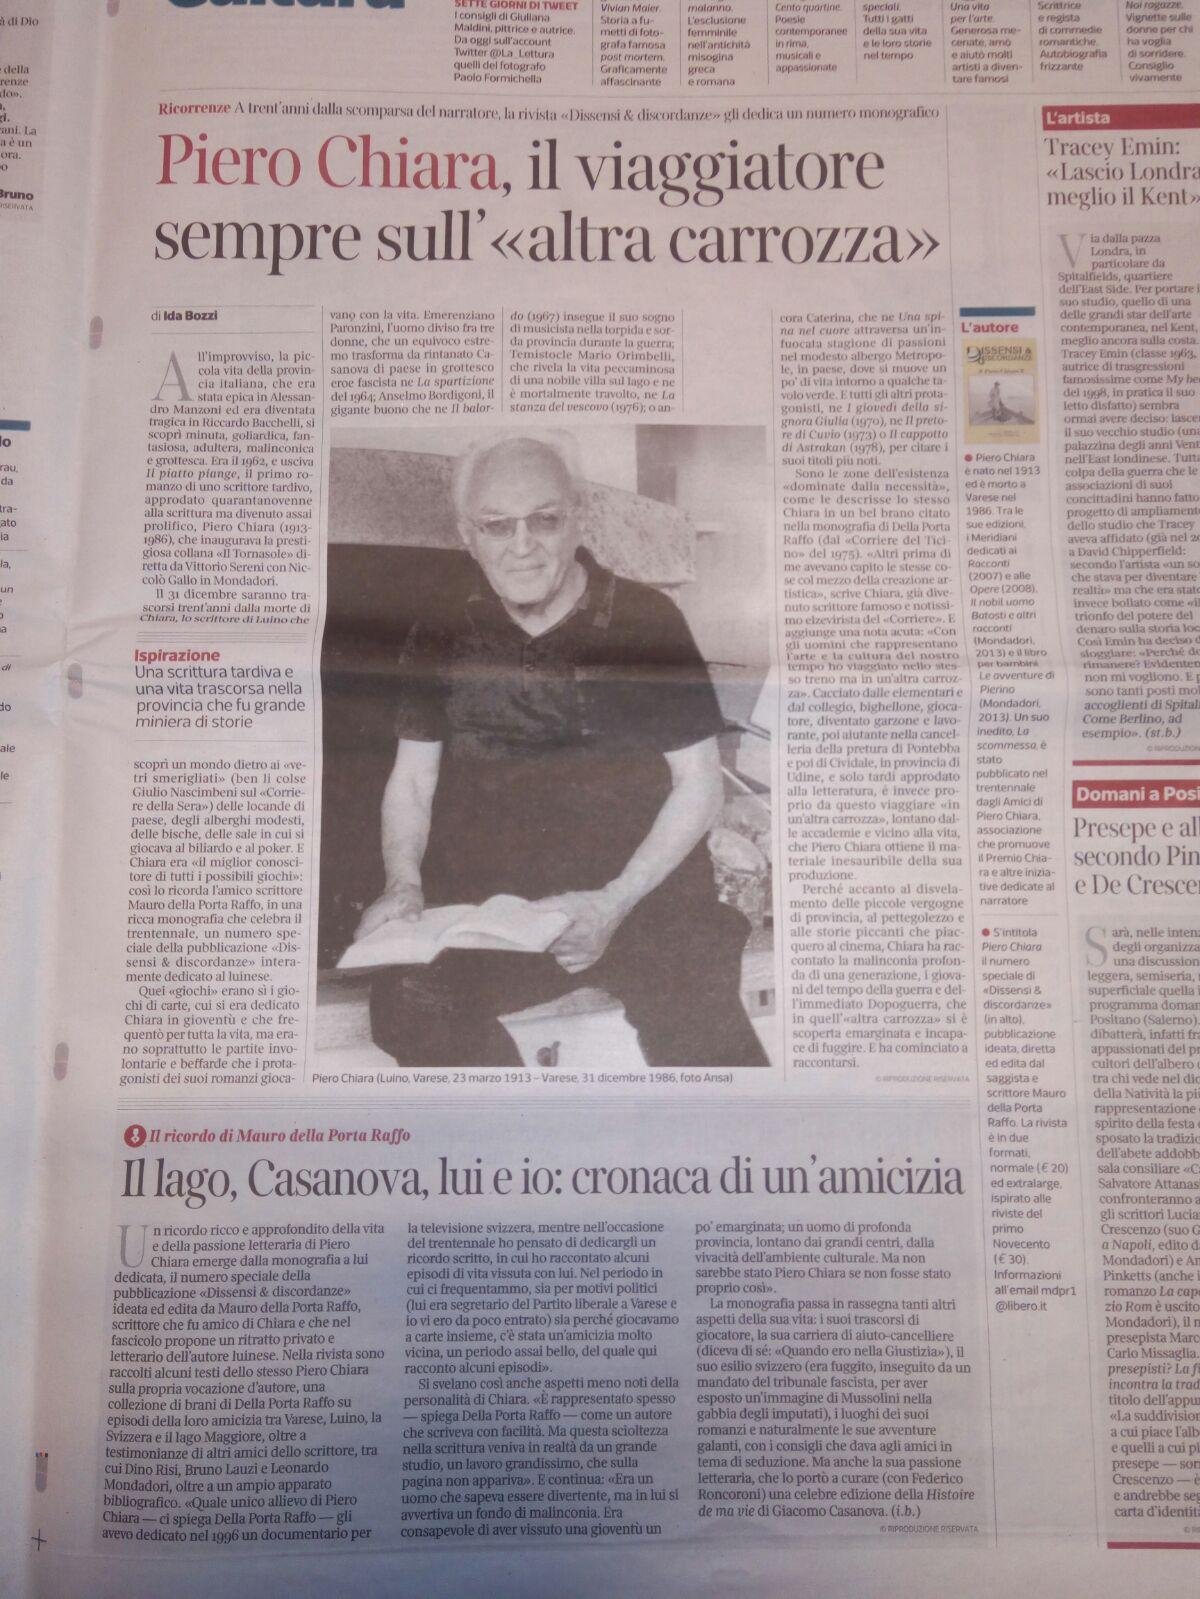 Piero Chiara, il viaggiatore sempre «sull'altra carrozza»